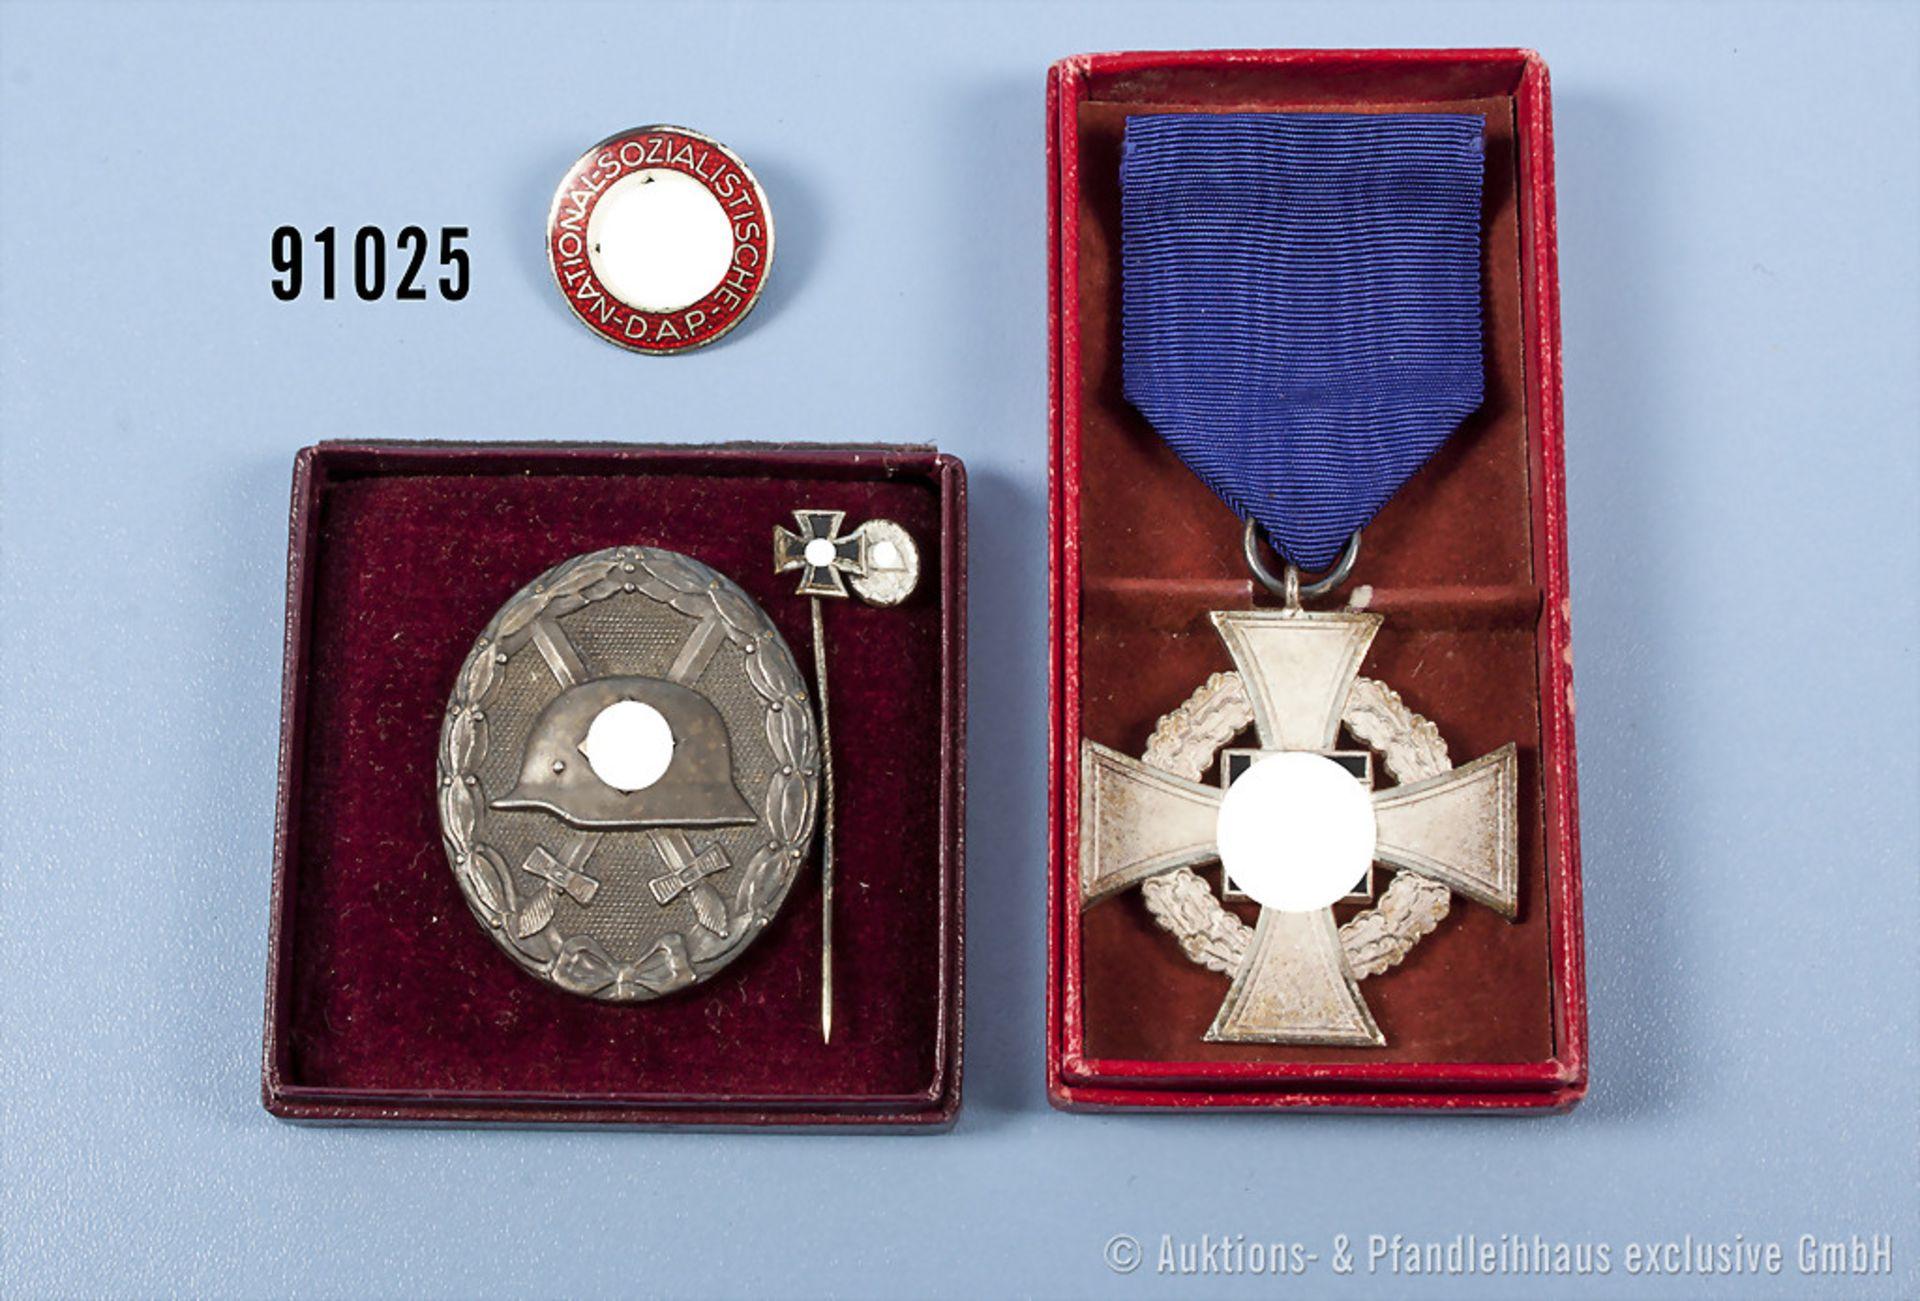 Konv. VWA in Silber, Buntmetallausf., in beschädigter LDO-Schachtel, Miniaturnadel mit EK 2 und